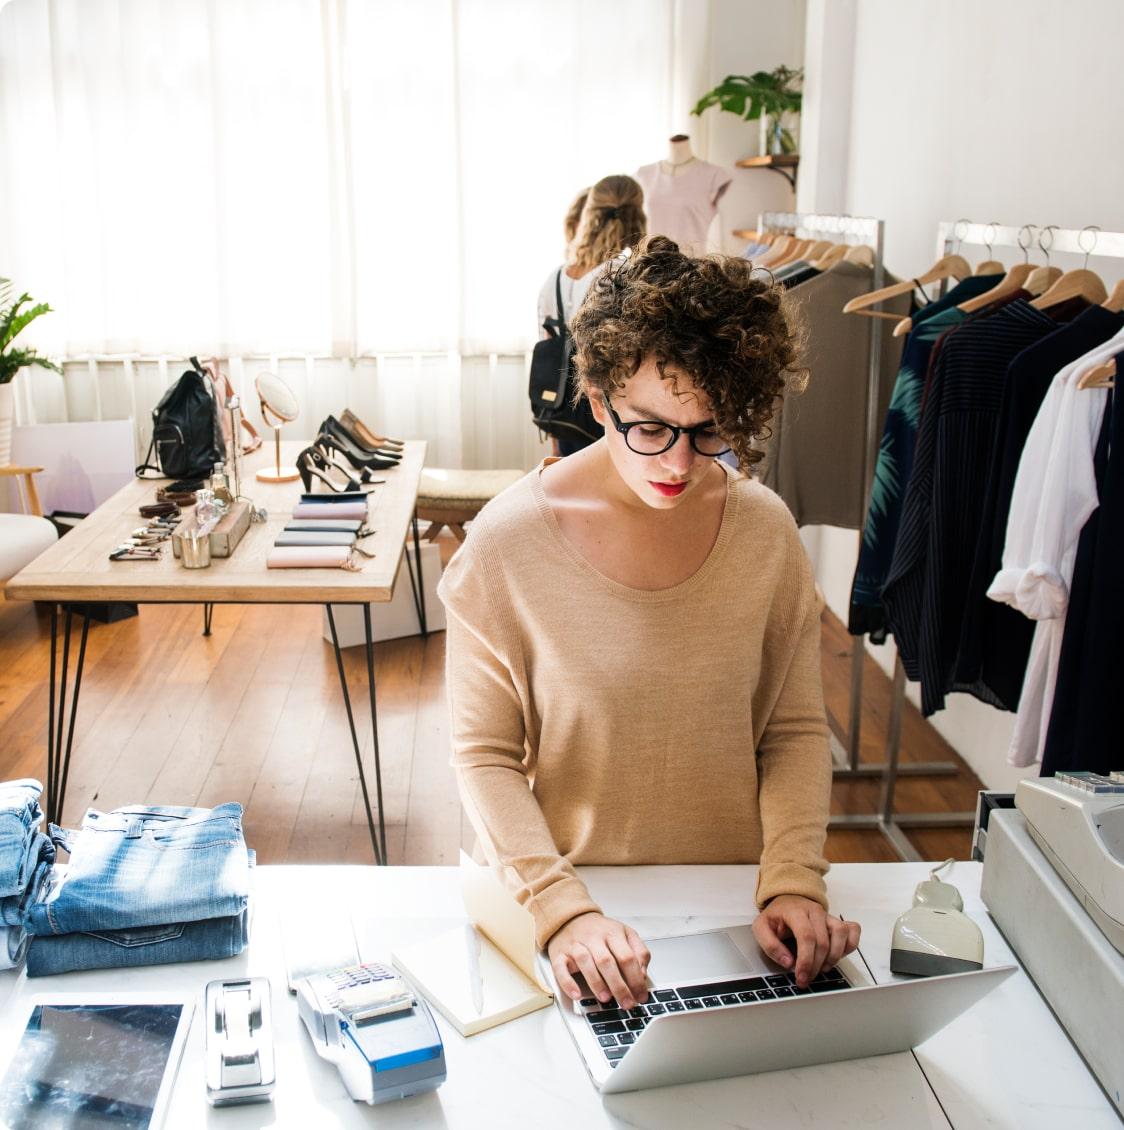 Девушка - владелец бизнеса проверяет ноутбук